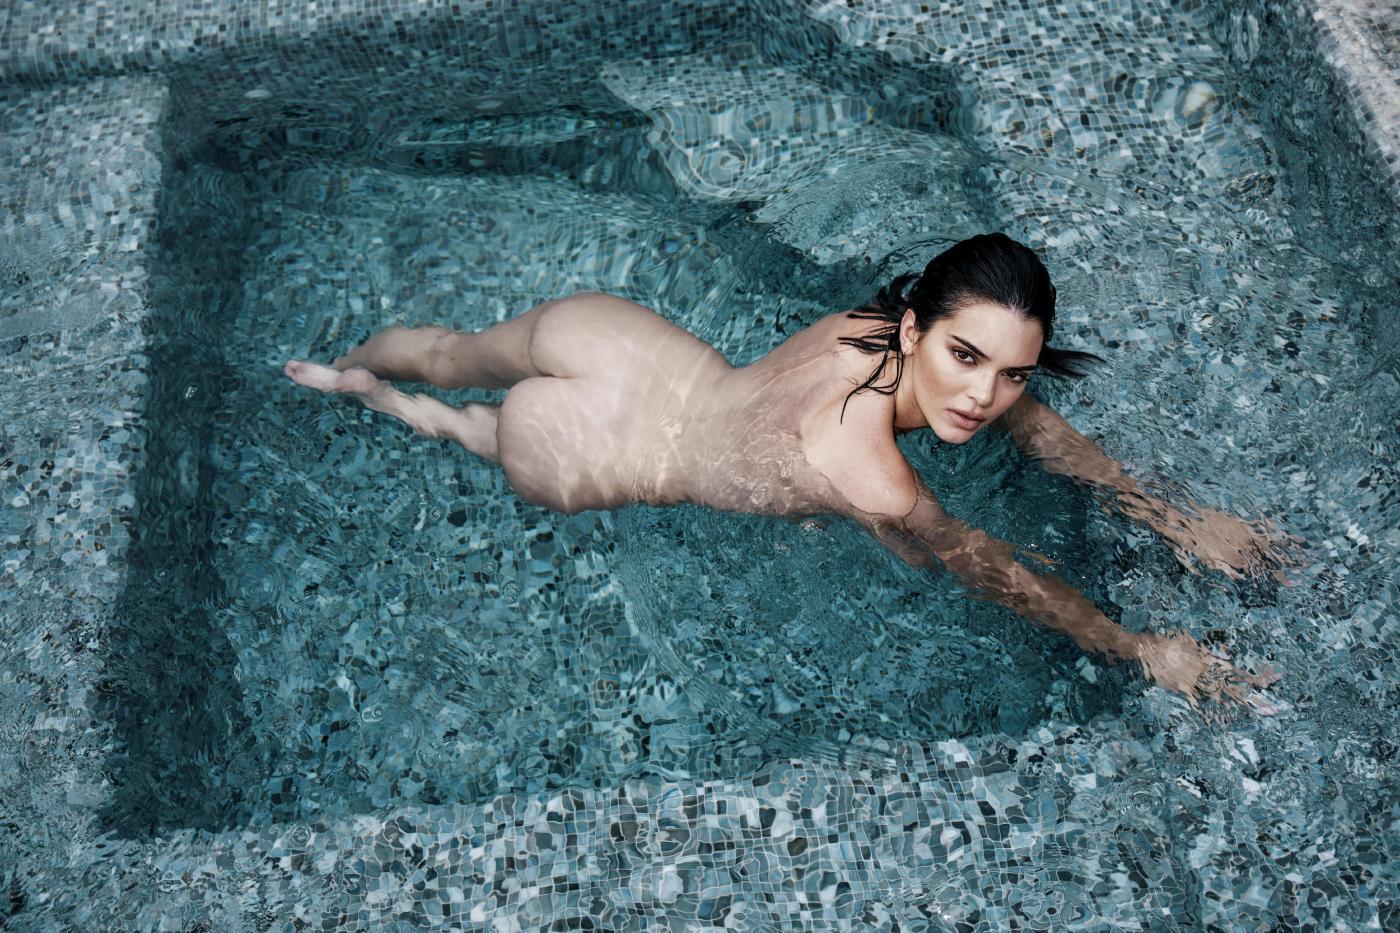 Kendall Jenner Nude Magazine Photoshoot Leaked Oqntid